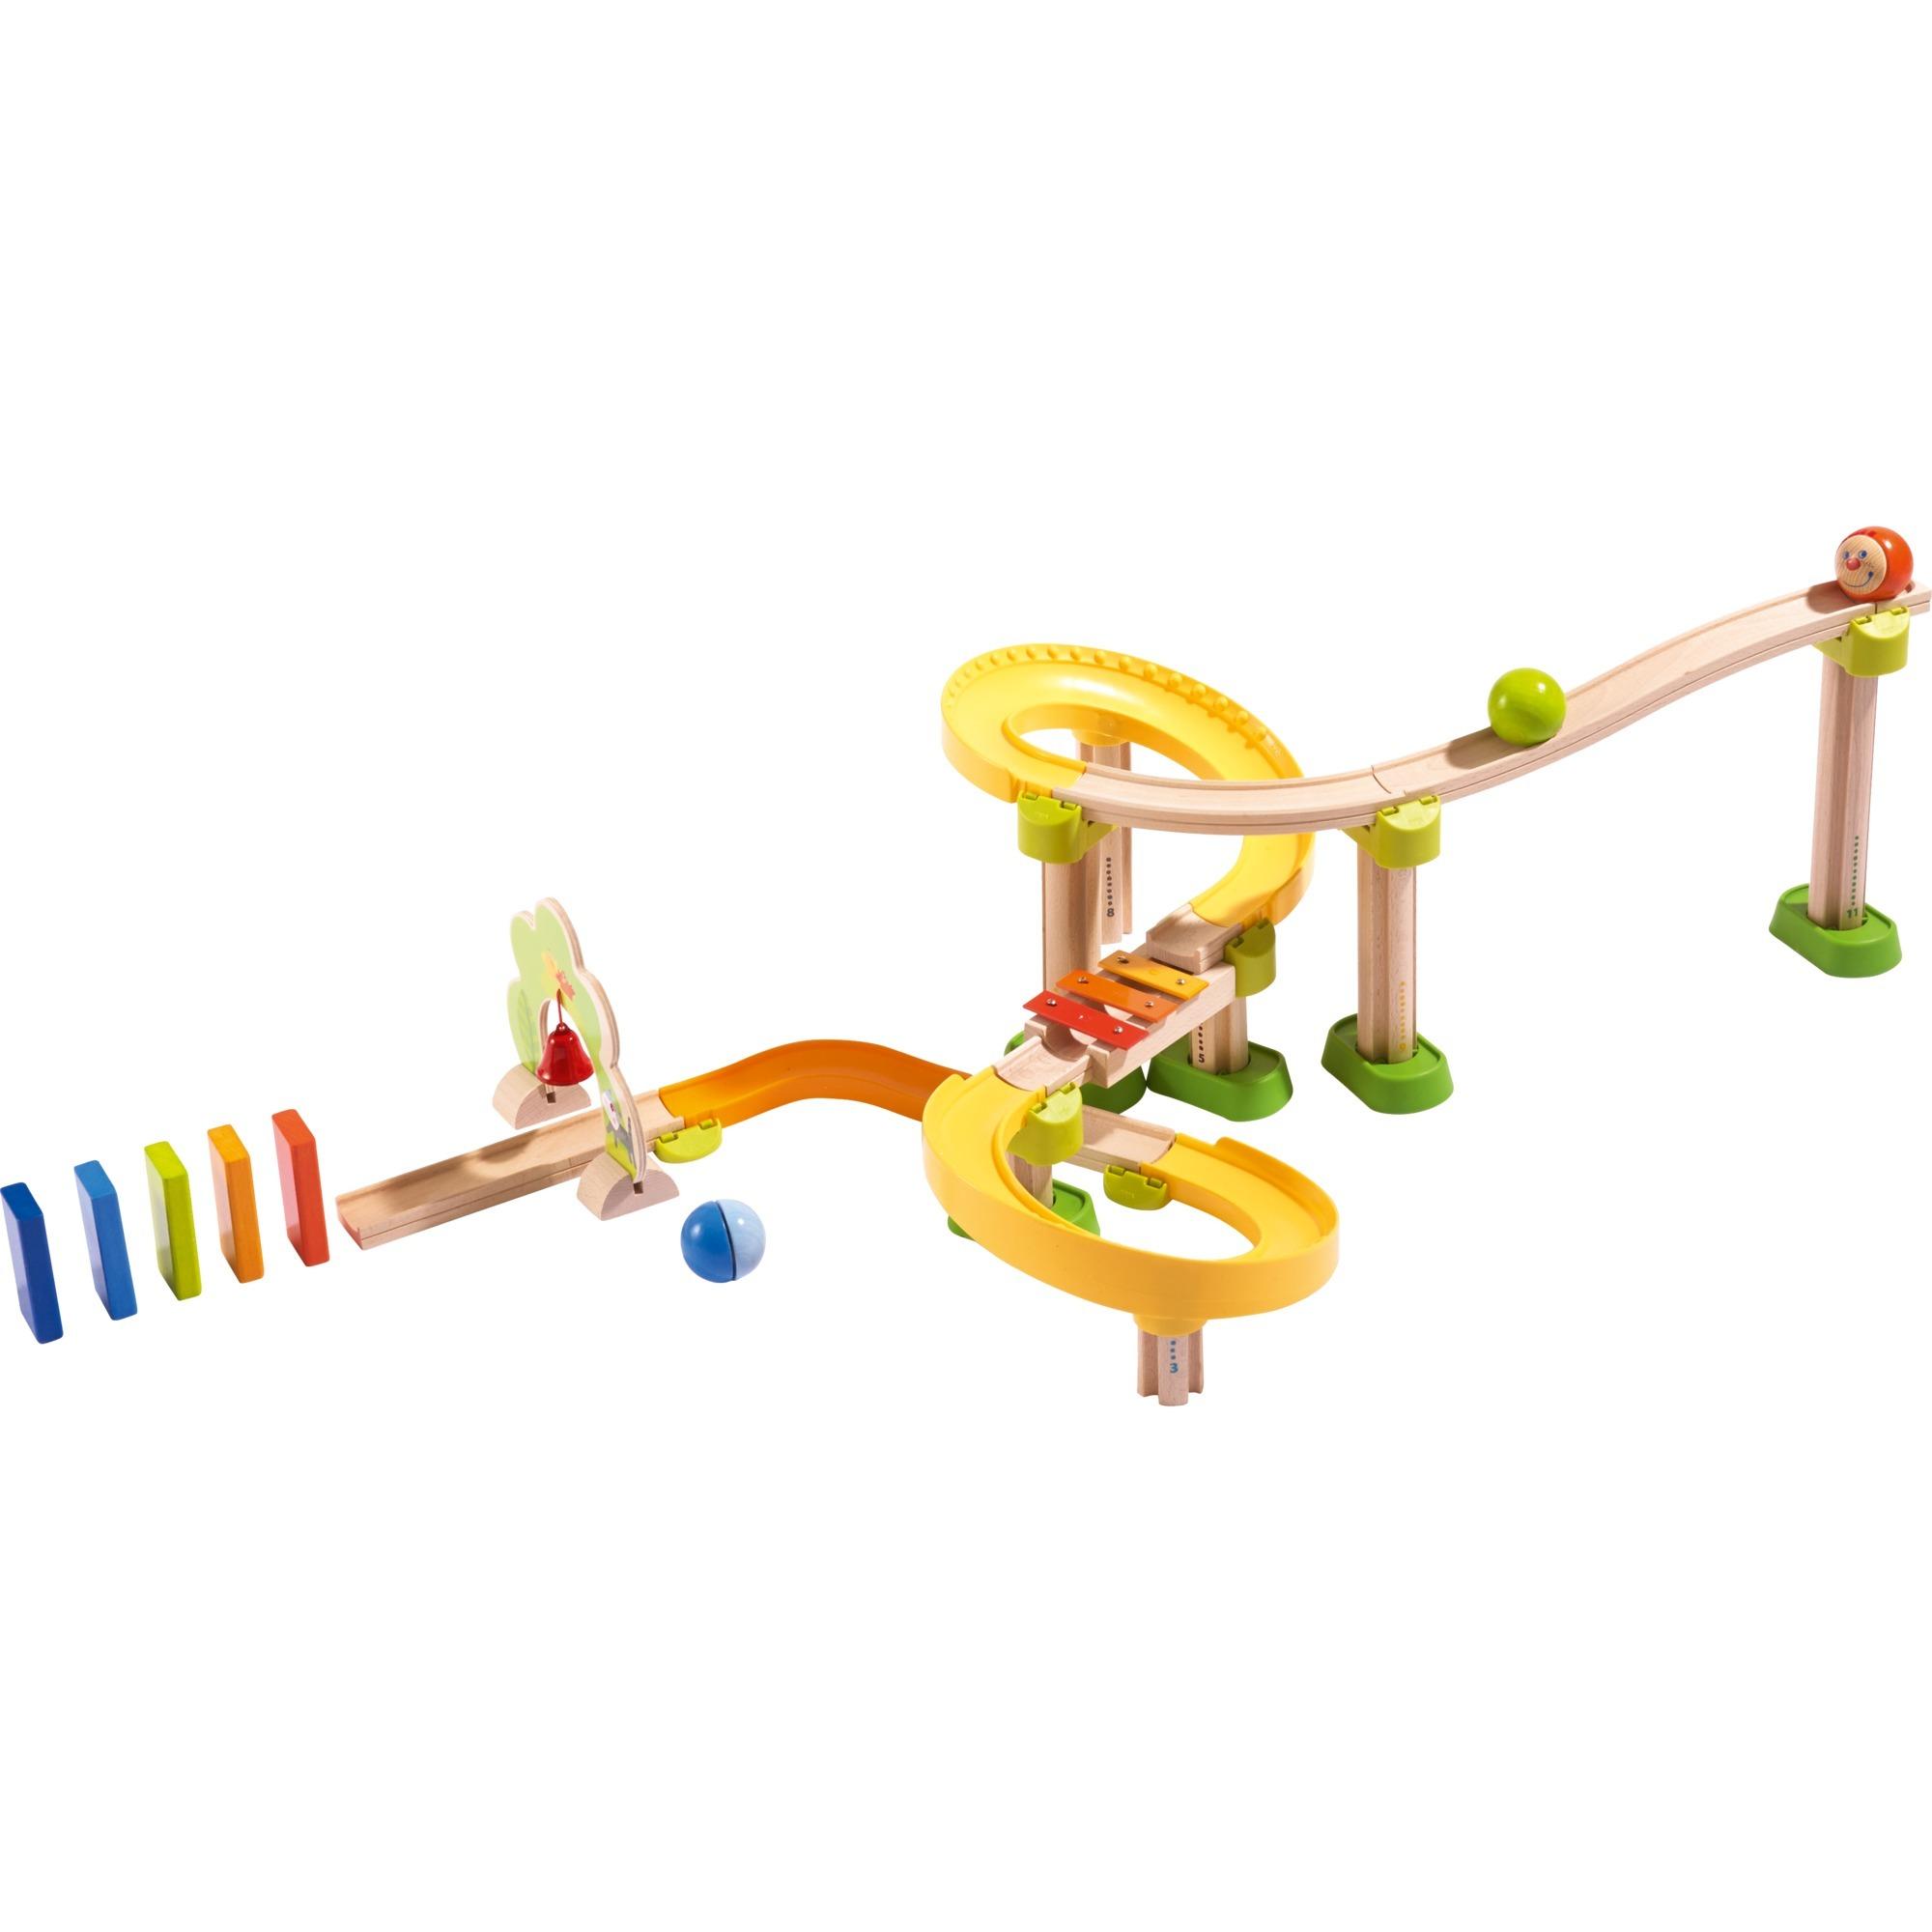 302056 De plástico, Madera pista para vehículos de juguete, Ferrocarril